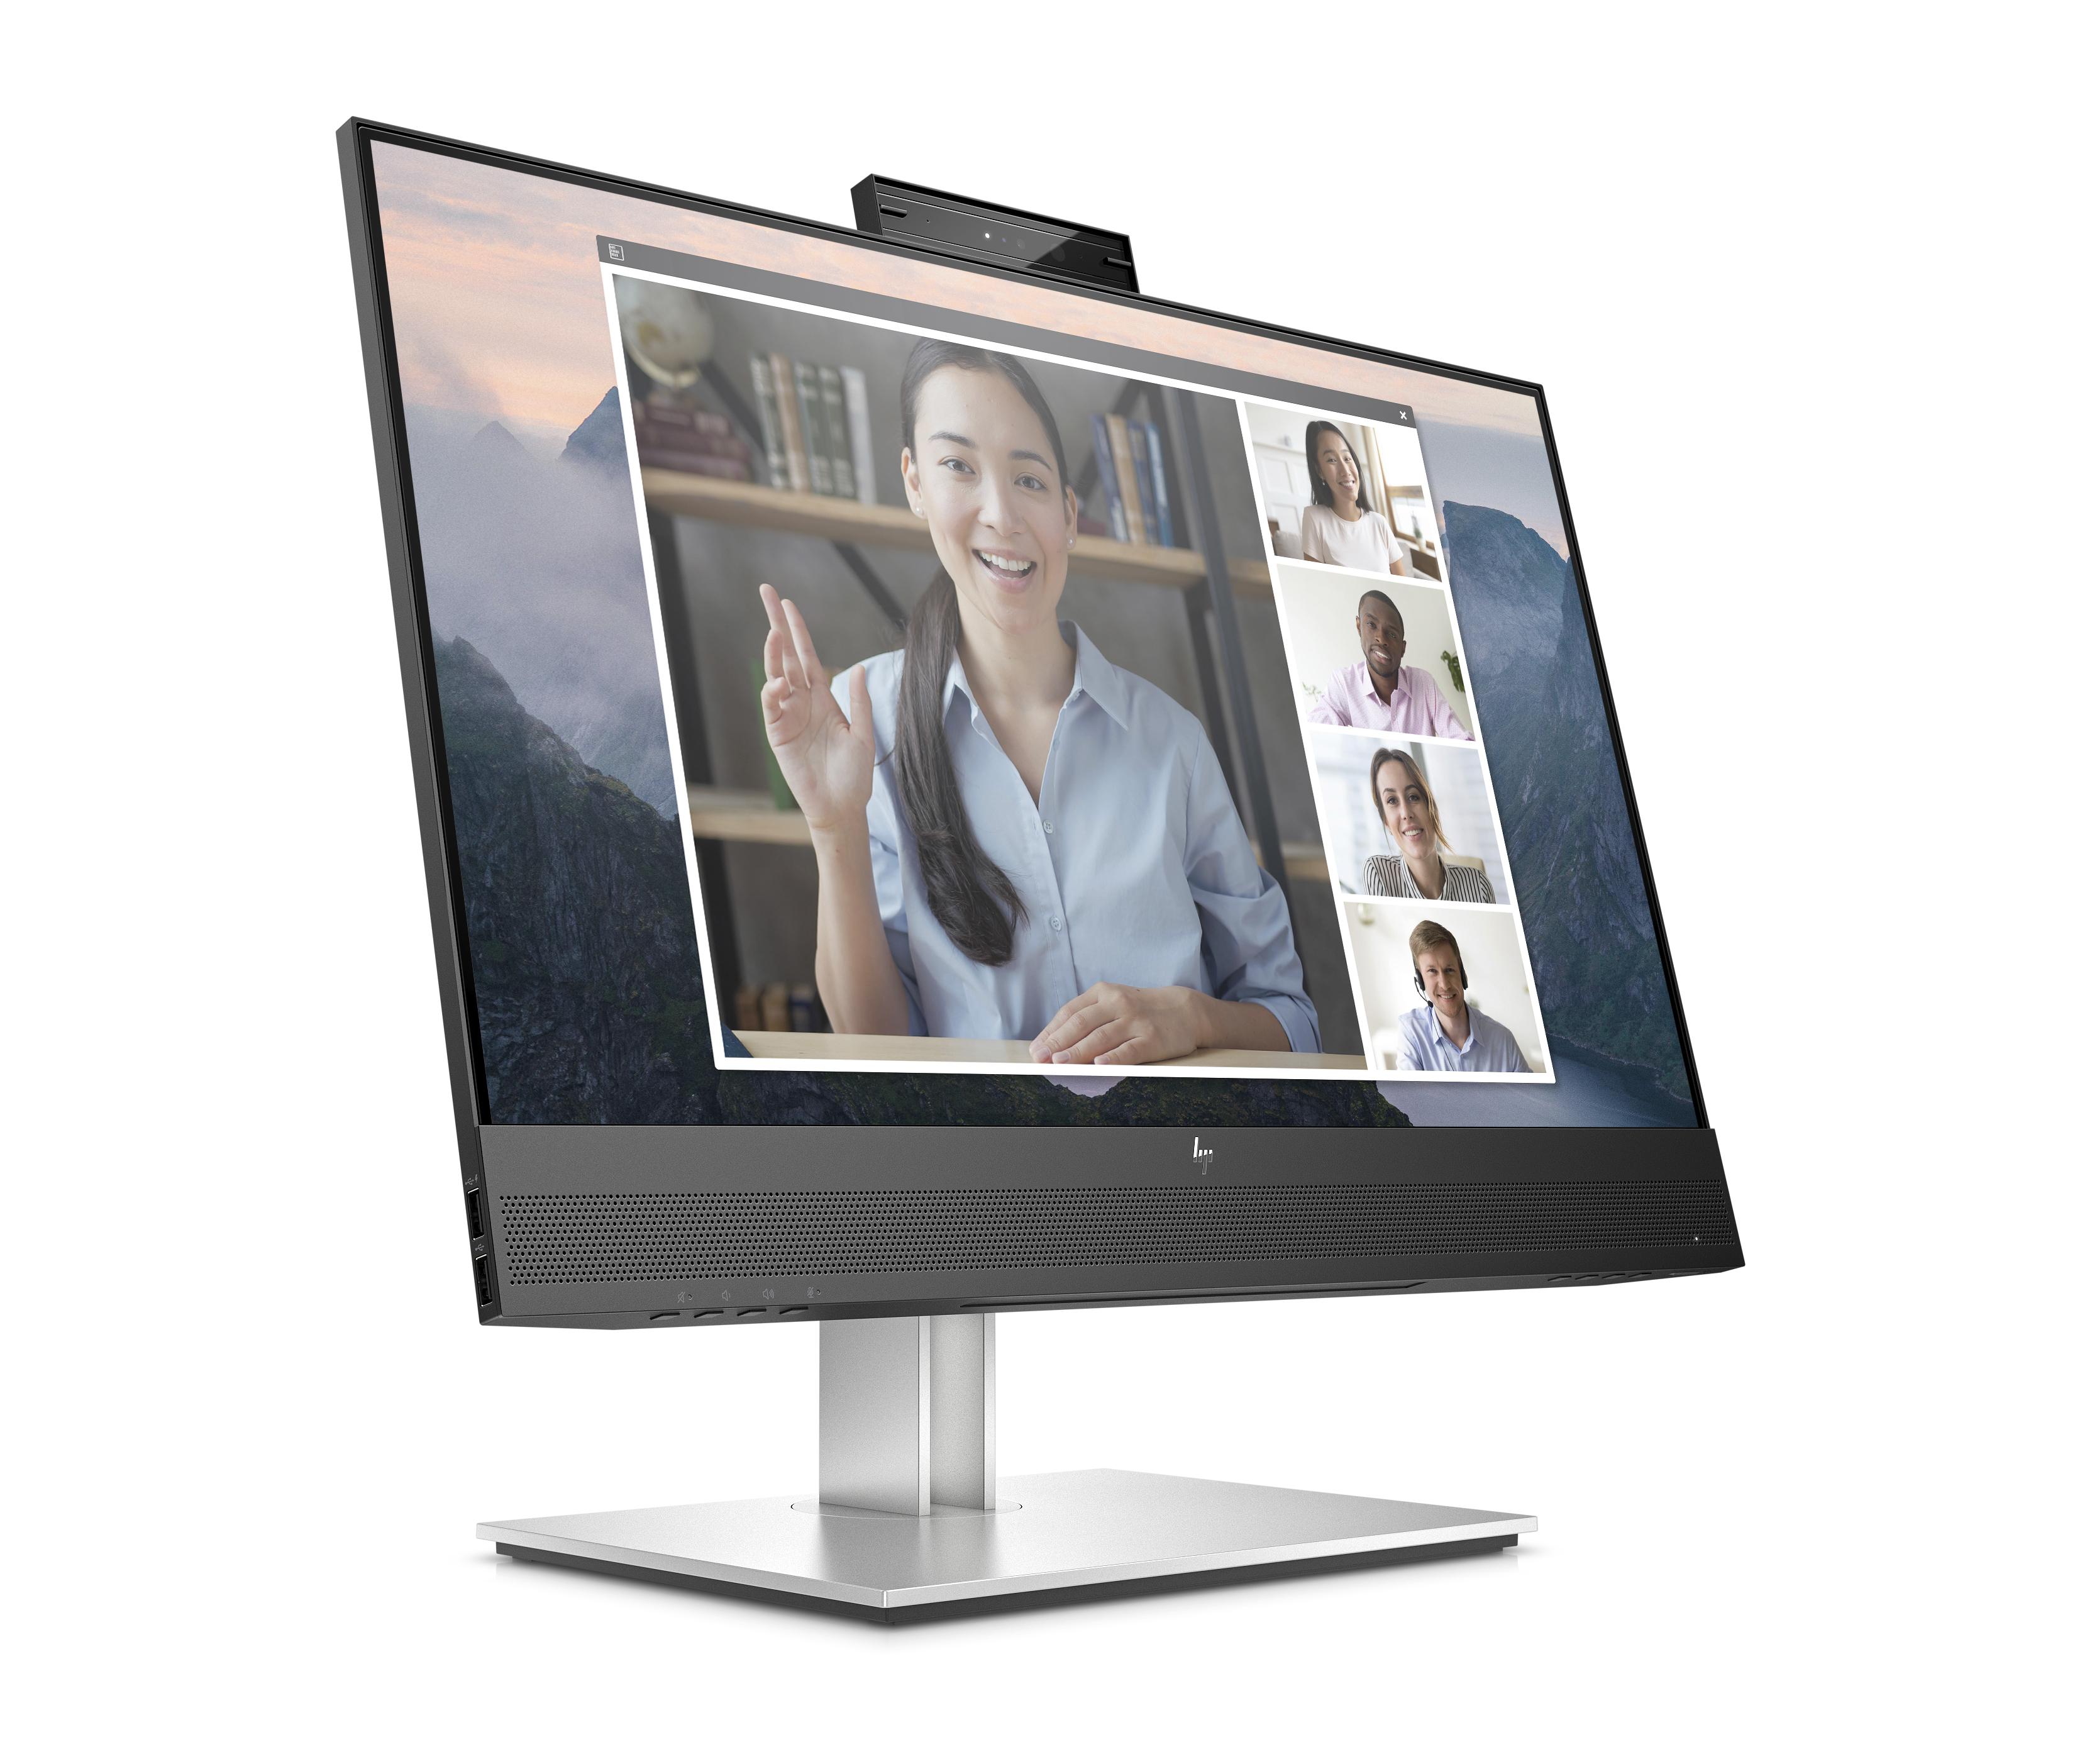 HP prezentuje nowe monitory – idealne zarówno do pracy, nauki, jak i rozrywki